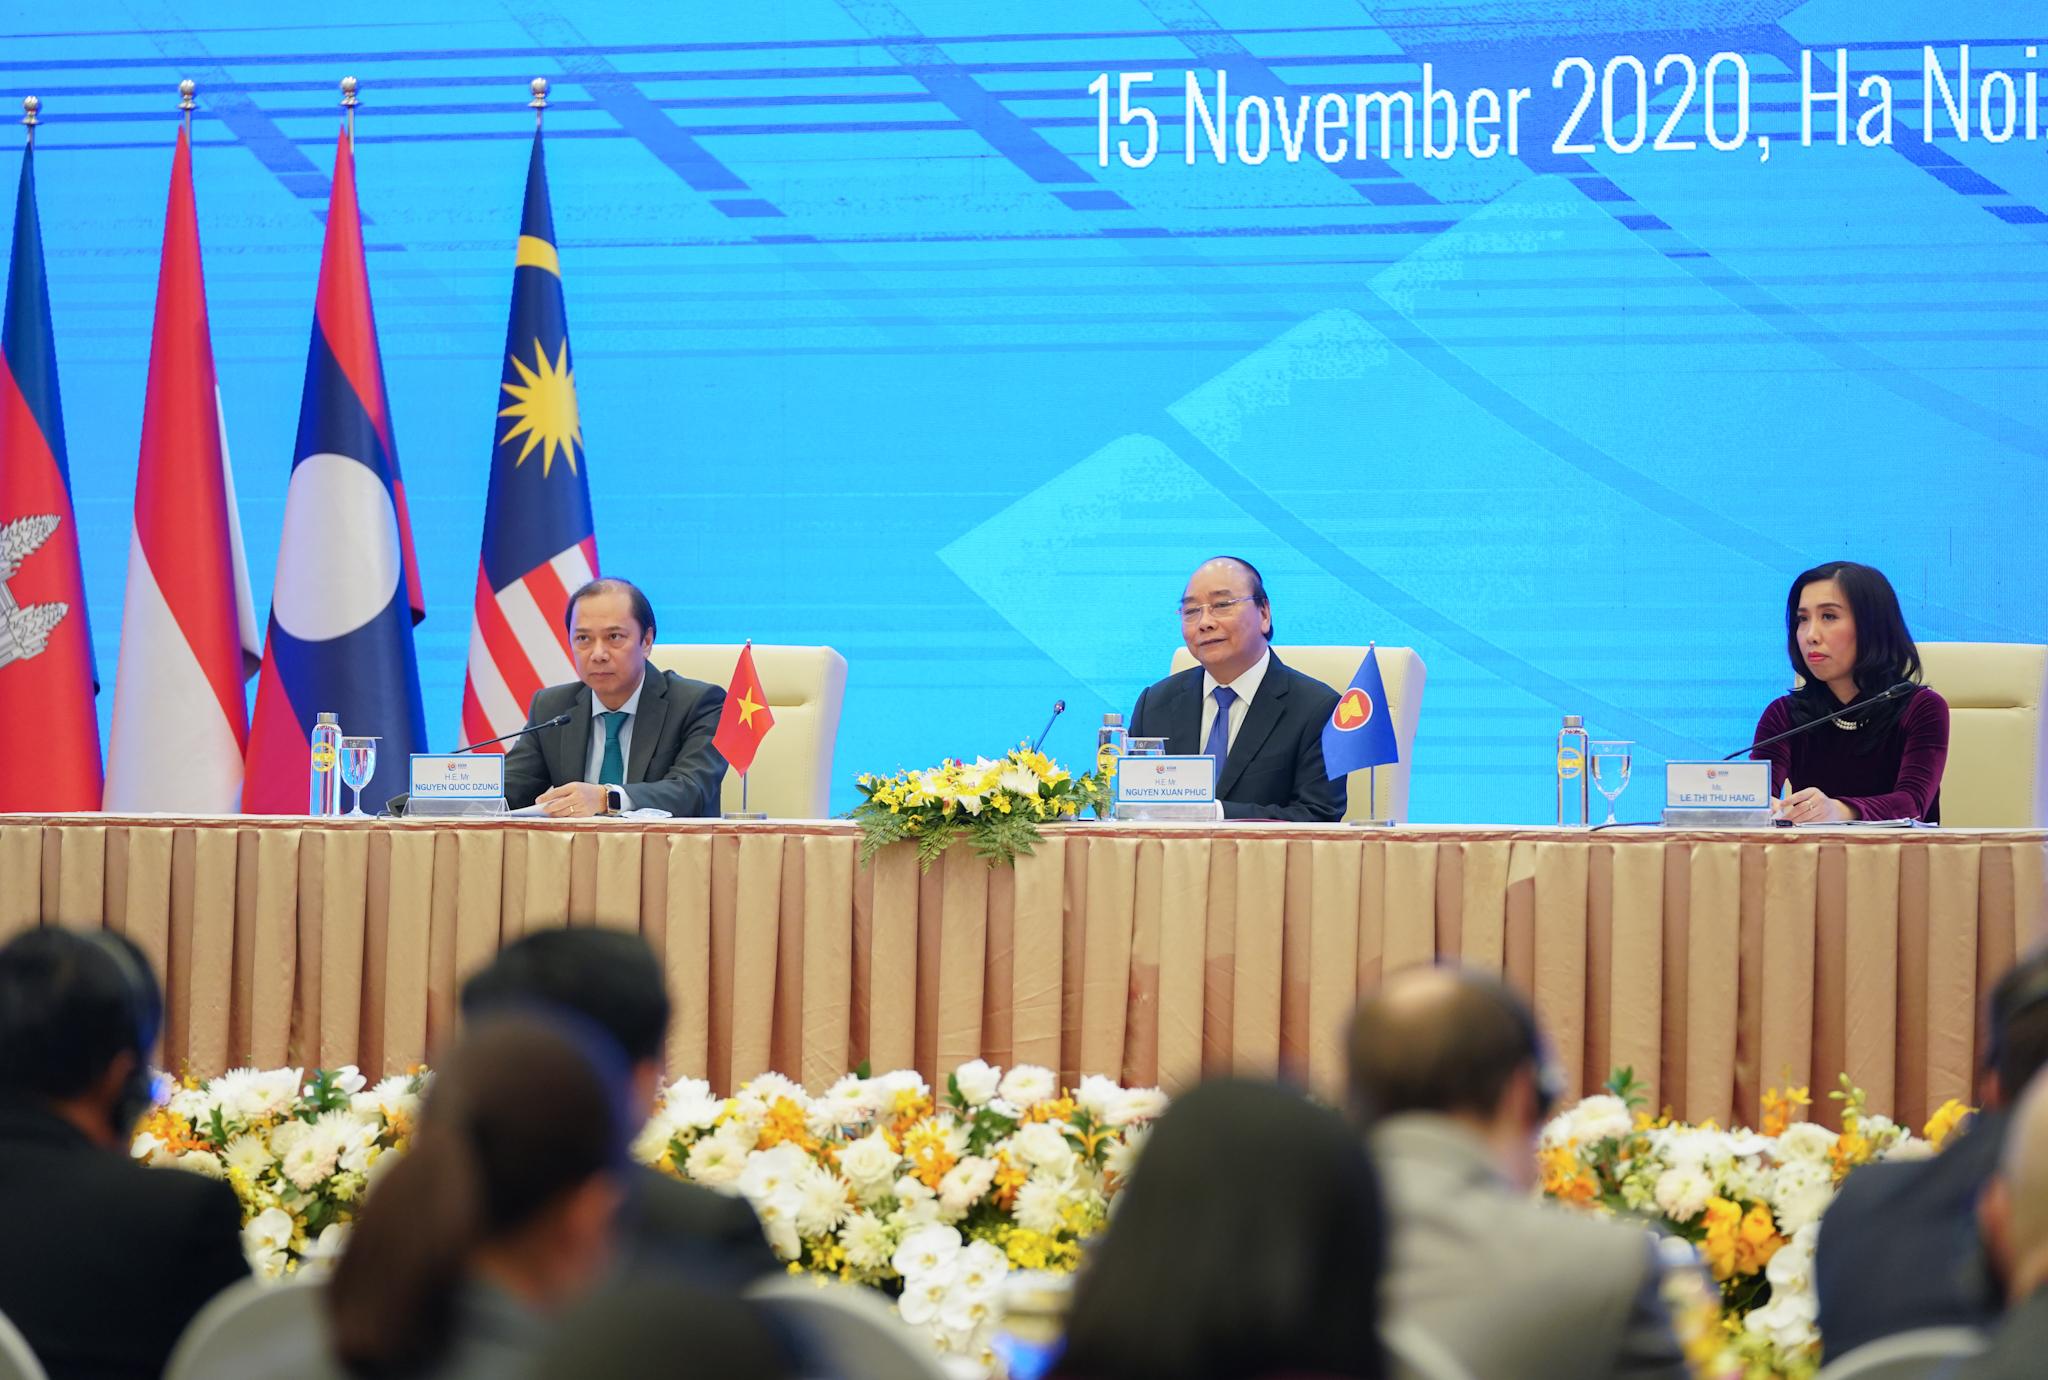 Thủ tướng Việt Nam trả lời câu hỏi về bầu cử Tổng thống Mỹ